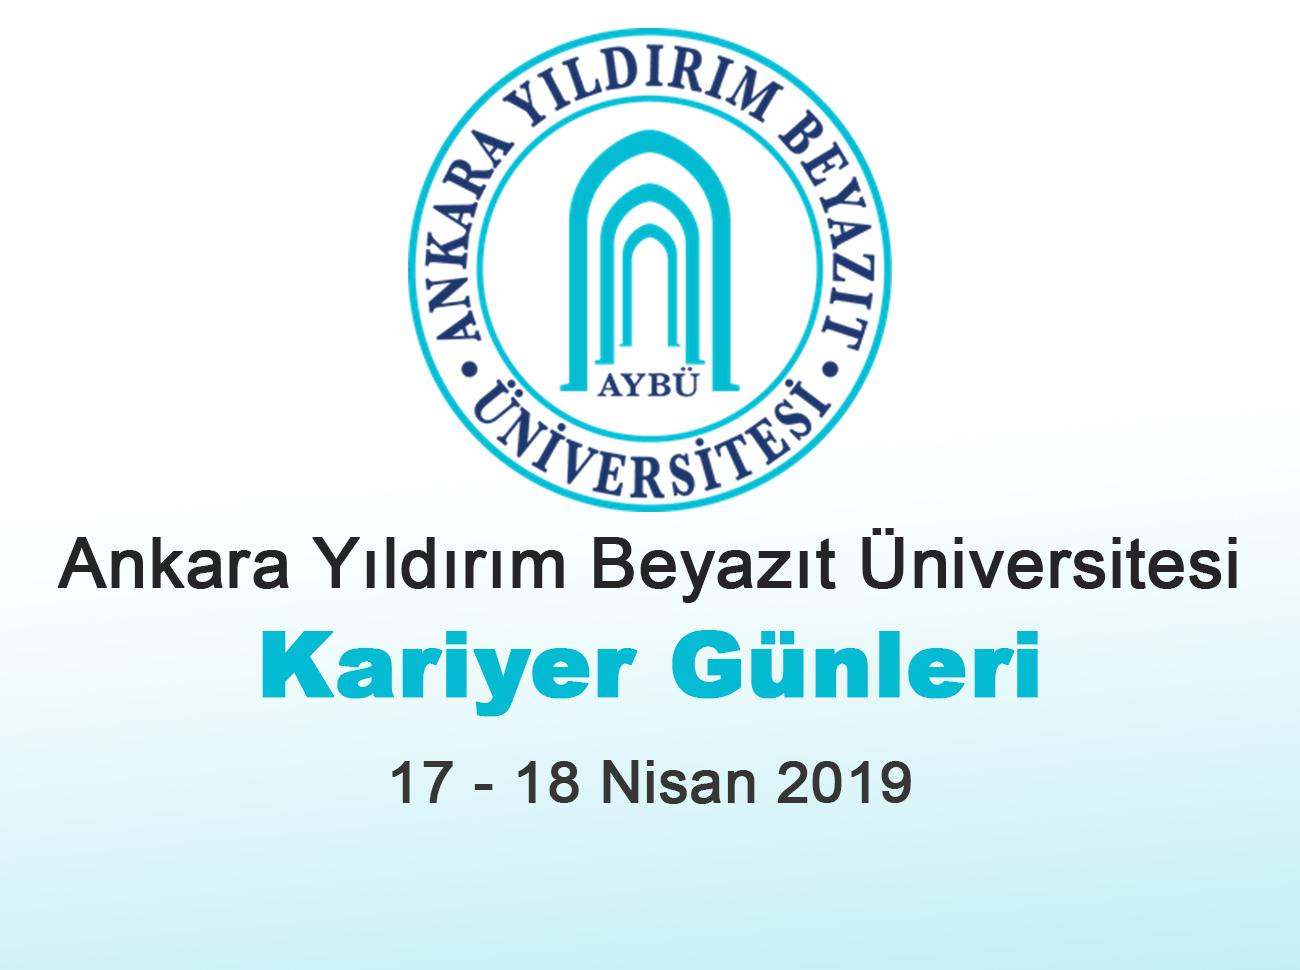 Ankara Yıldırım Beyazıt Üniversitesi Kariyer Günleri 2019